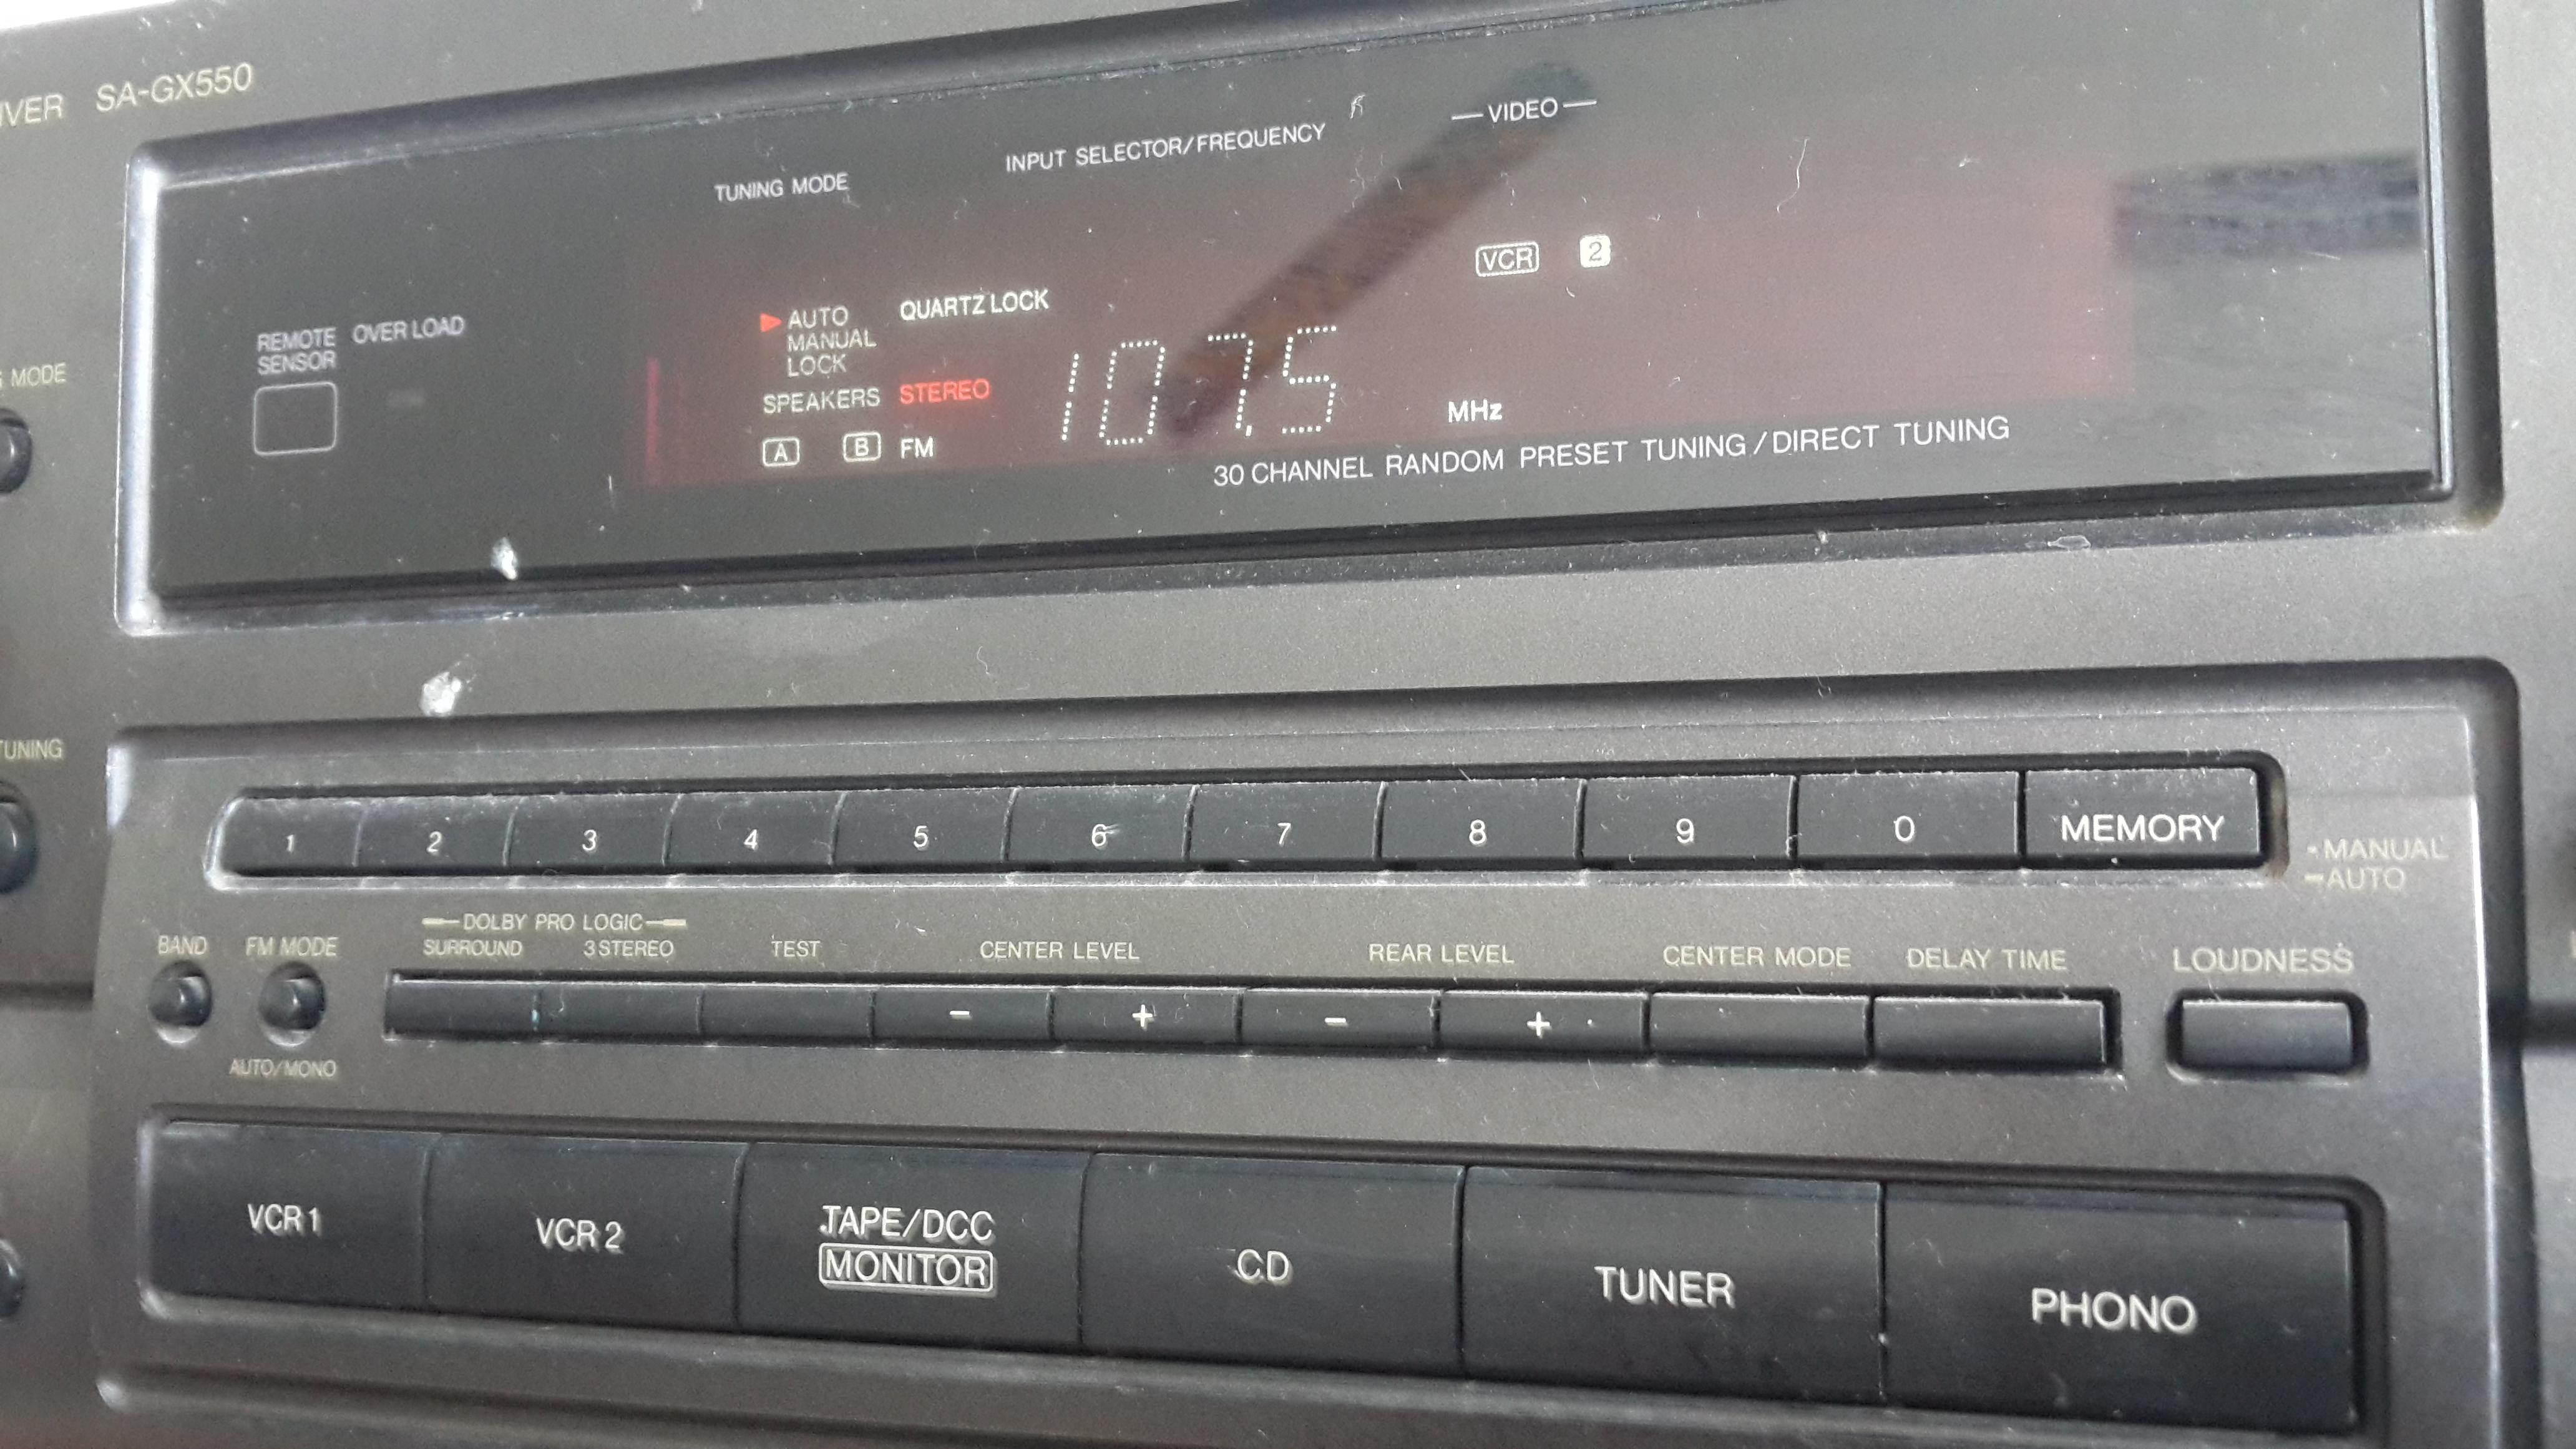 רסיבר פיוניר – לשמוע מוזיקה ולראות סרטים כמו שהיוצר התכוון